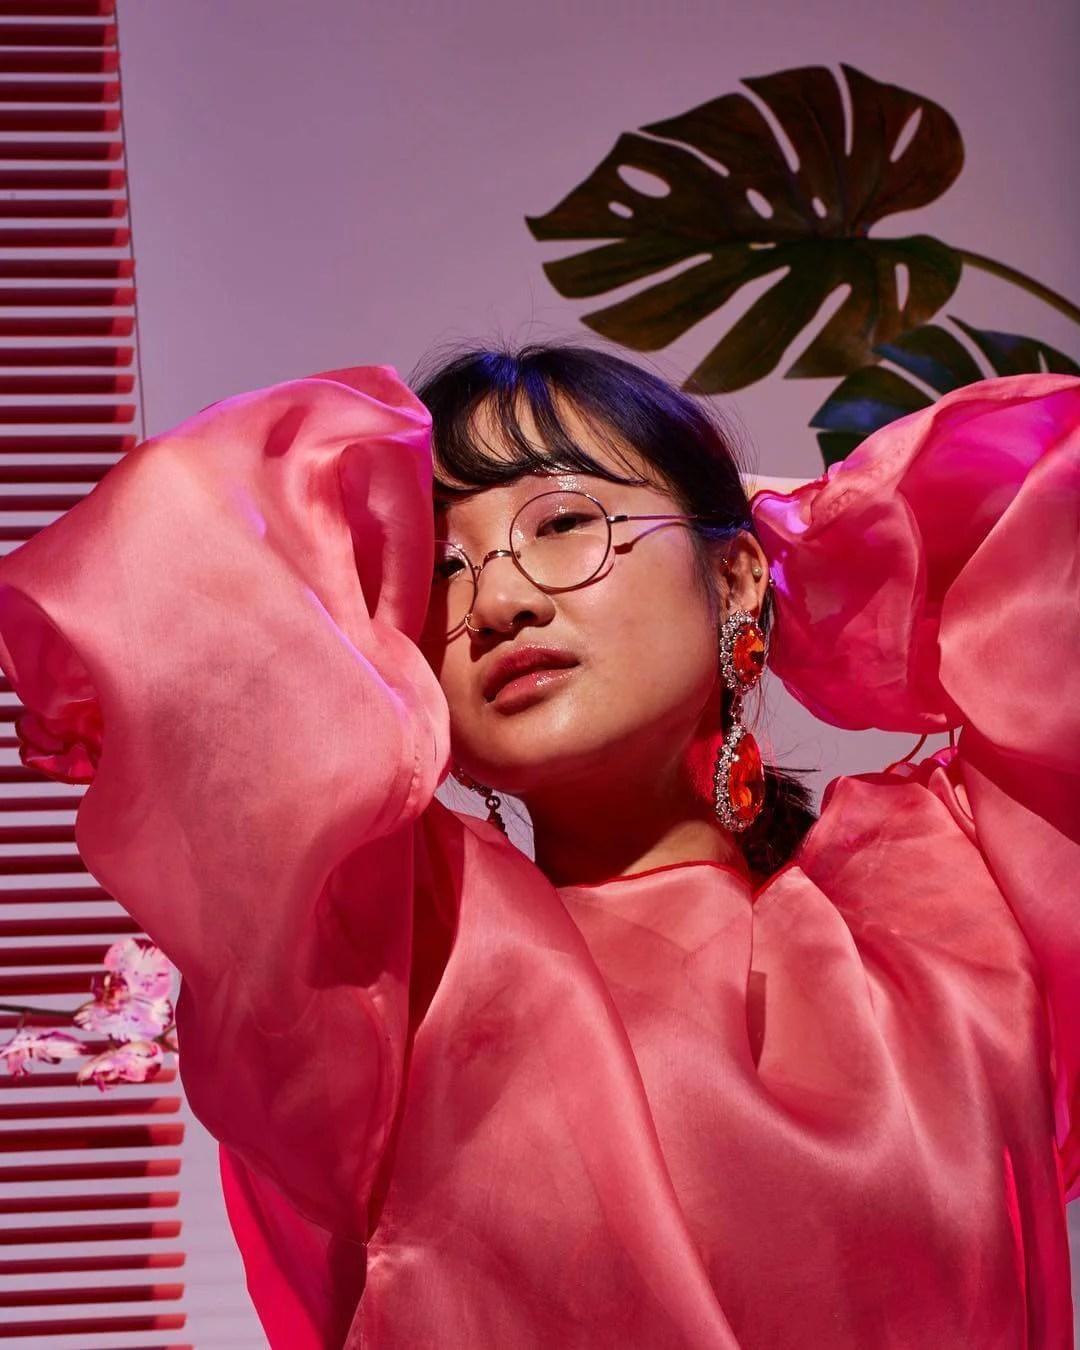 14 lanzamientos recientes que debes escuchar: Yaeji + Charli XCX + Cuco y más